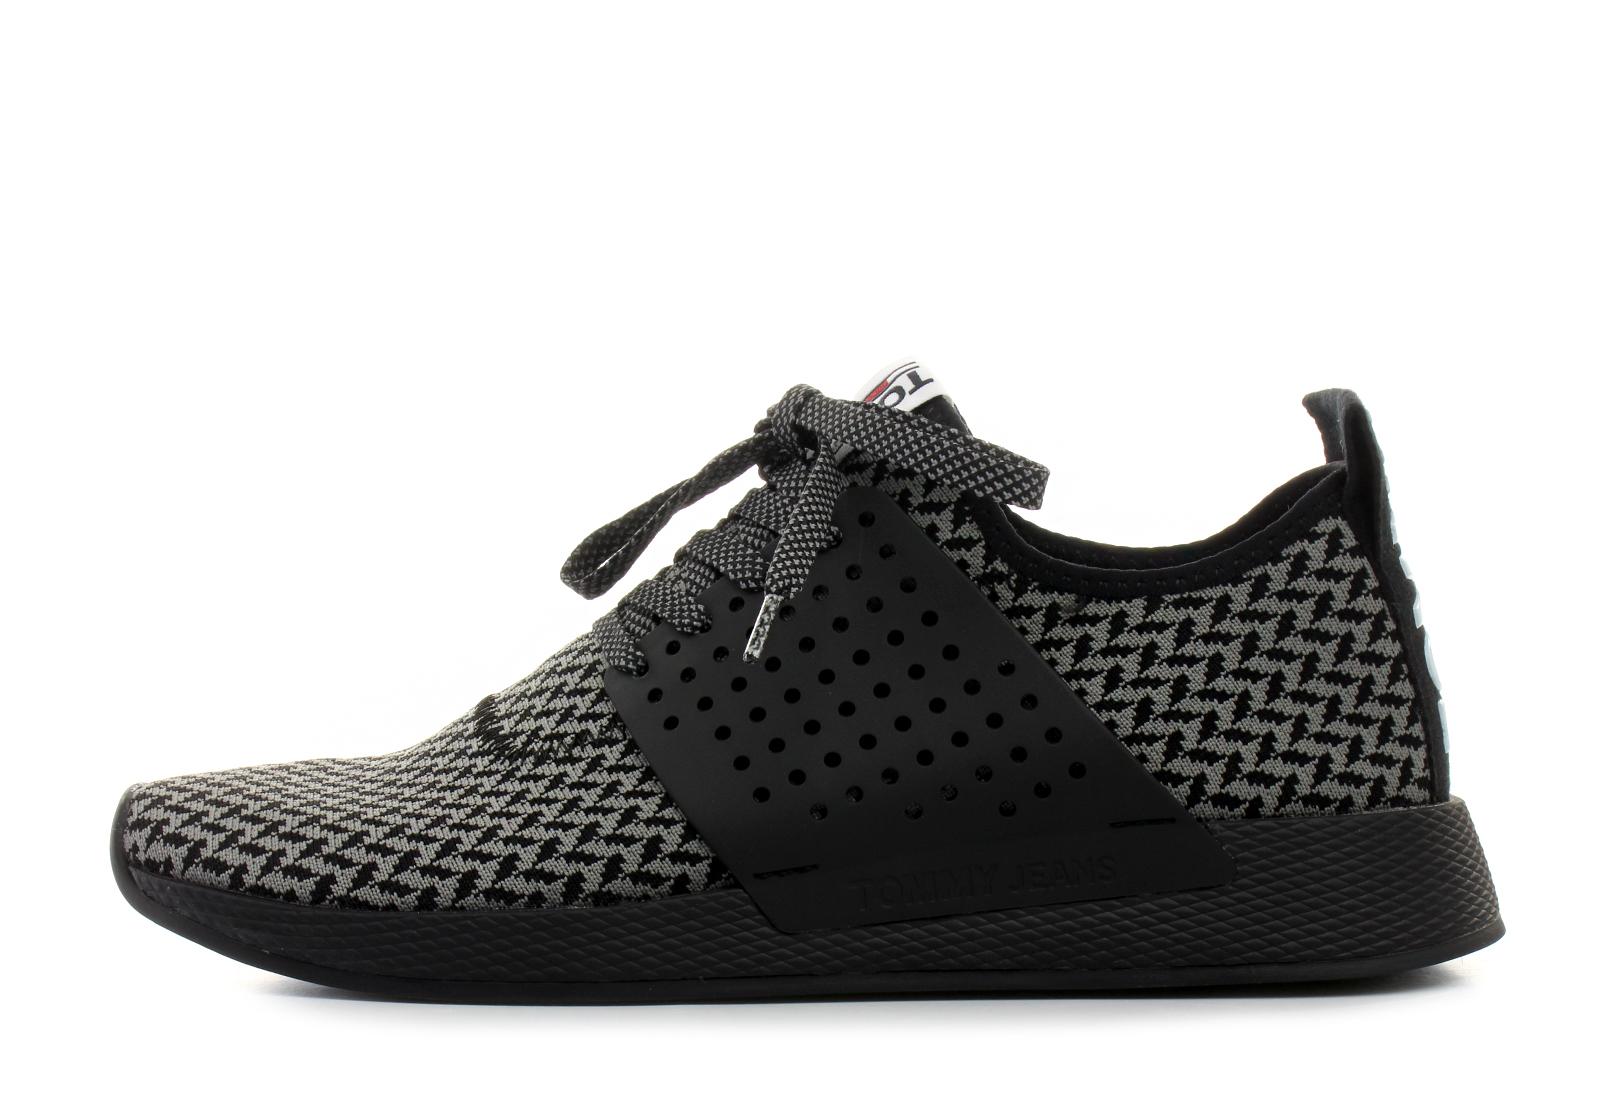 Tommy Hilfiger Shoes - Blake 1 - 18S-0025-905 - Online shop for ... 4f47531704